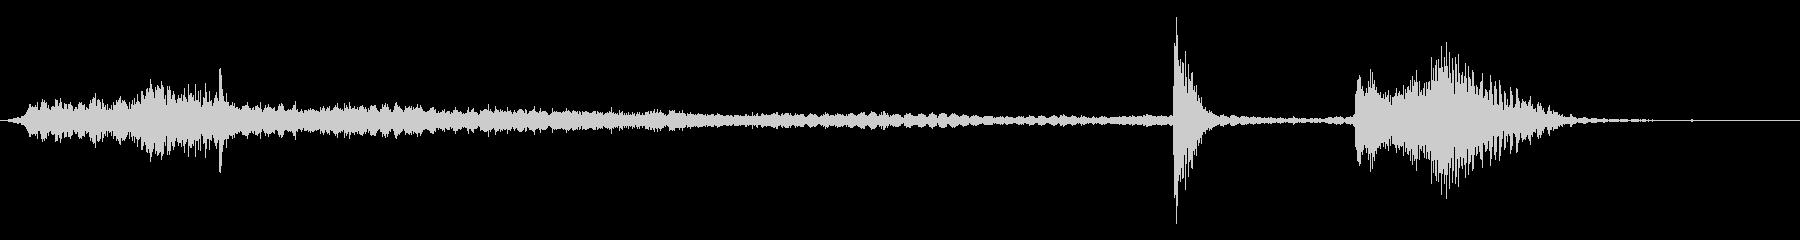 旋盤ターンオンターンオフチェンジギ...の未再生の波形